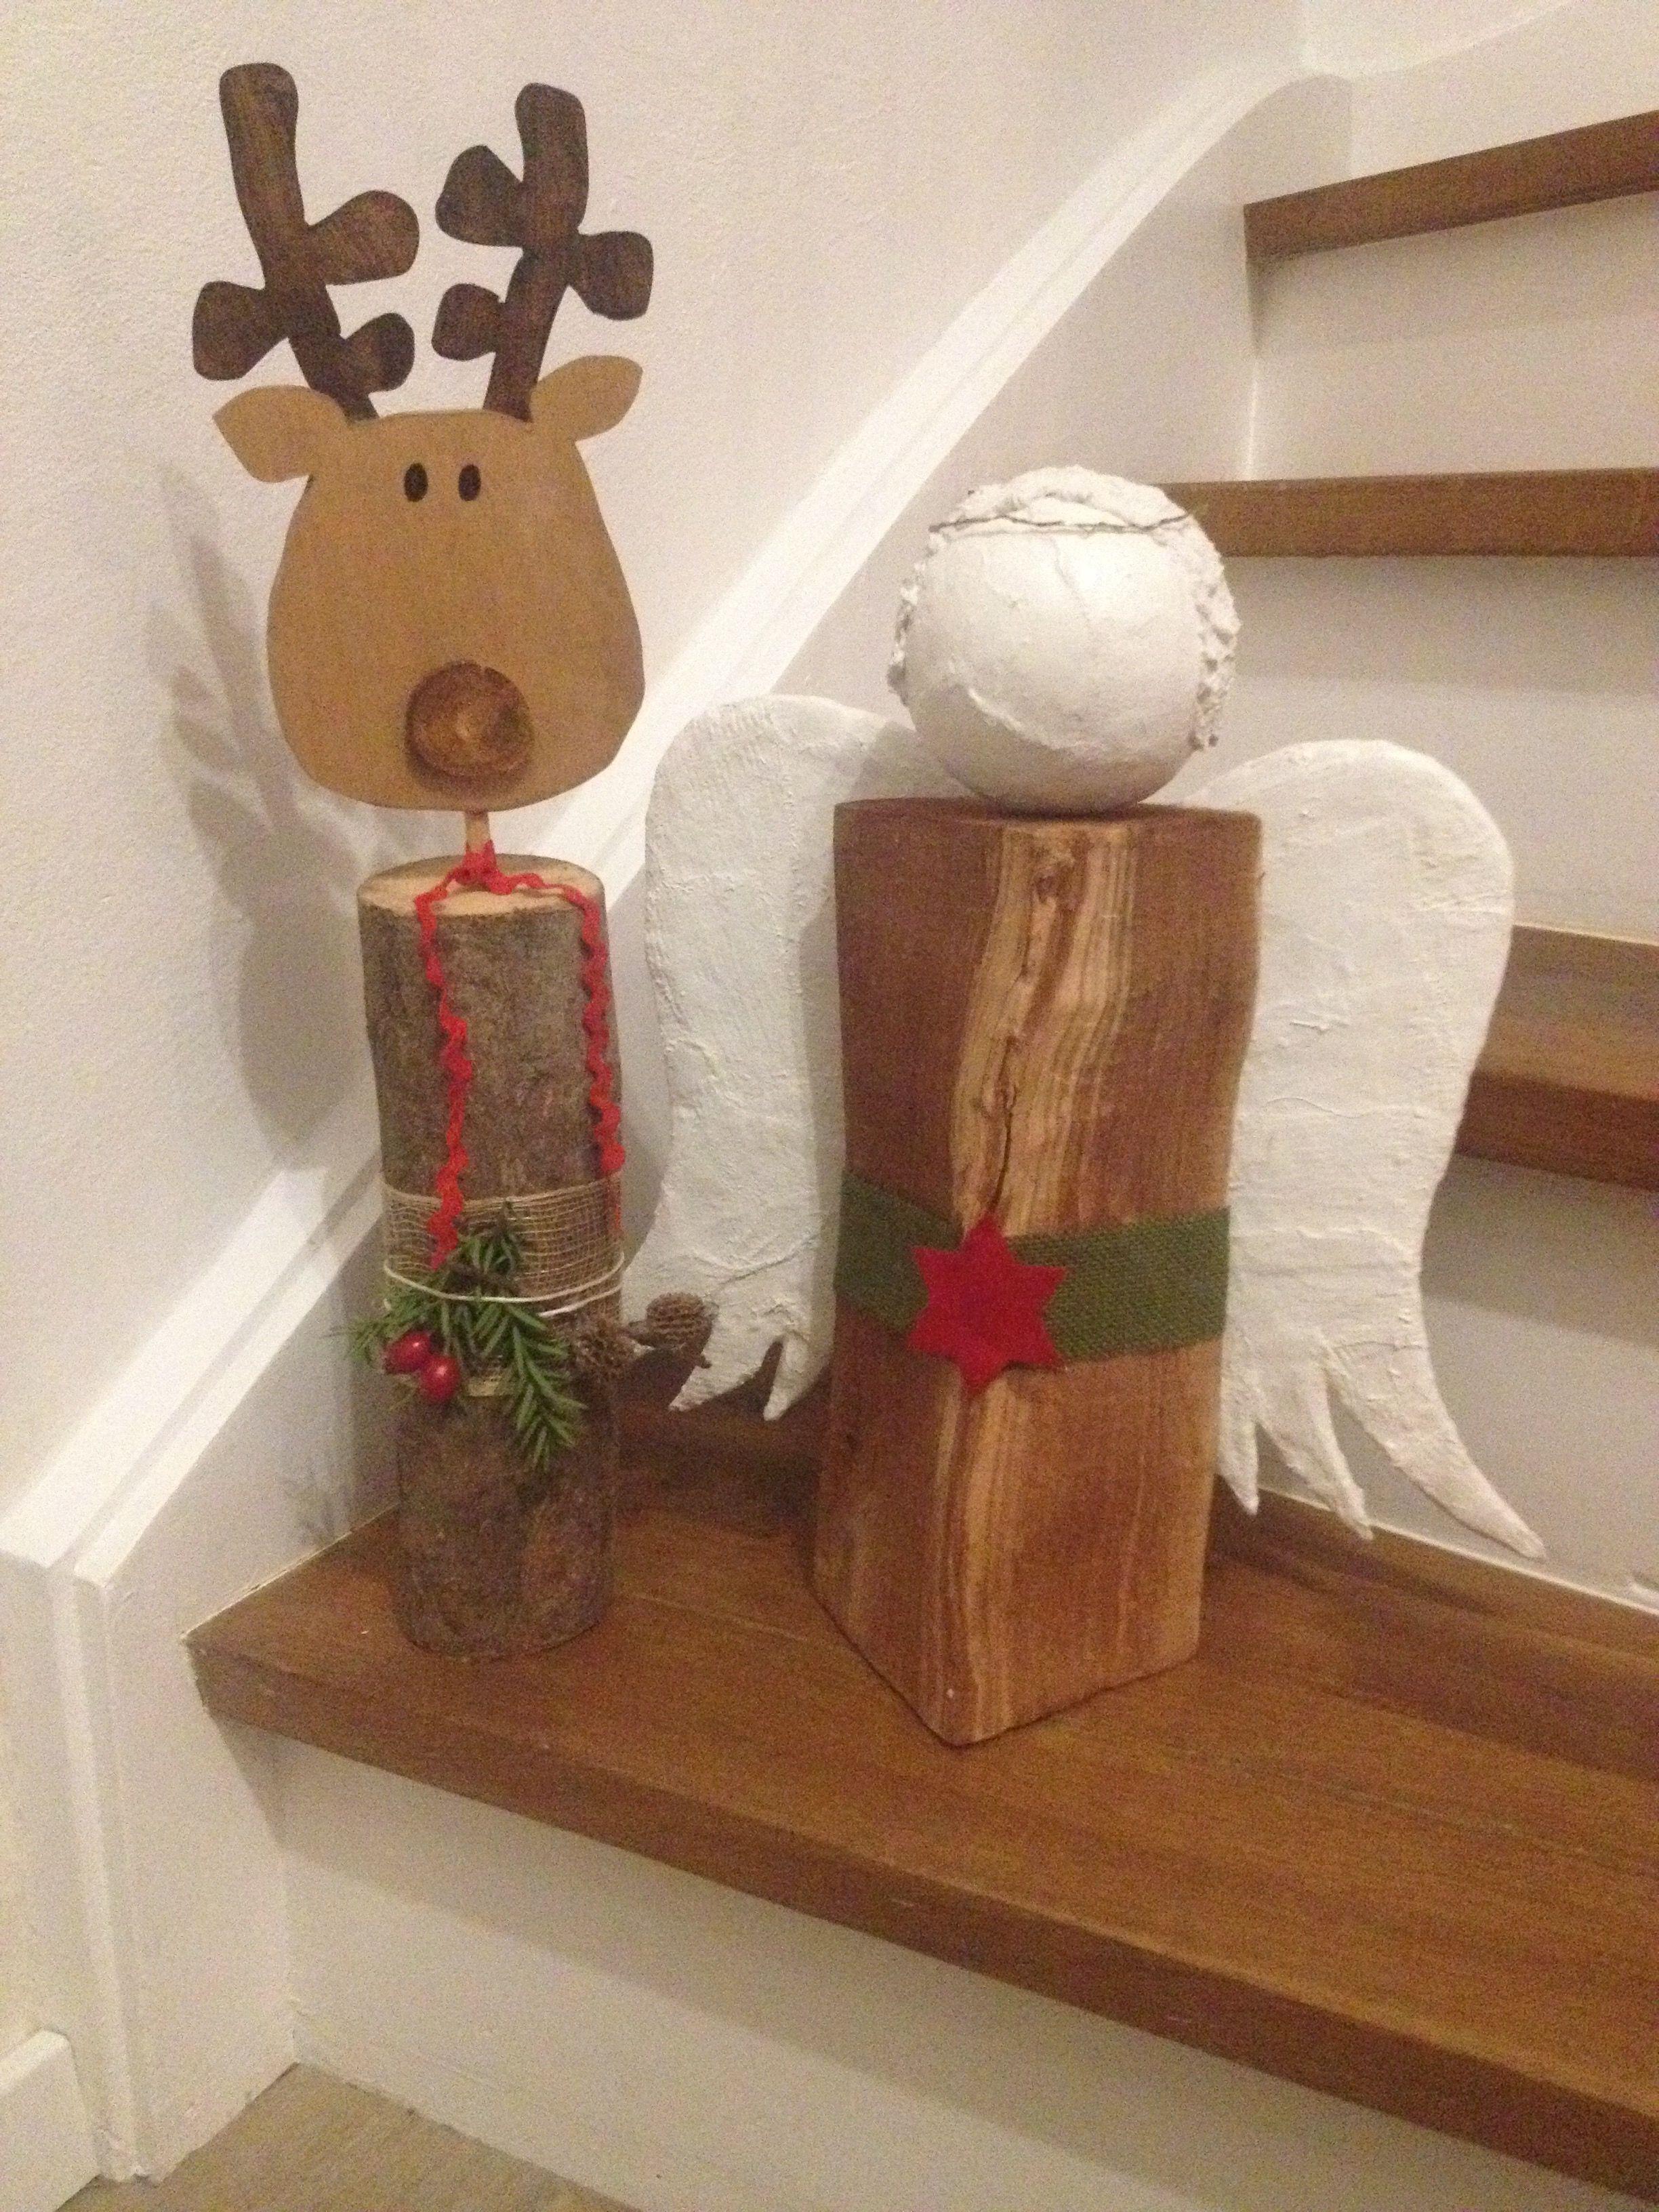 engel rentier holz susi s bunte bastelecke pinterest weihnachten basteln weihnachten. Black Bedroom Furniture Sets. Home Design Ideas